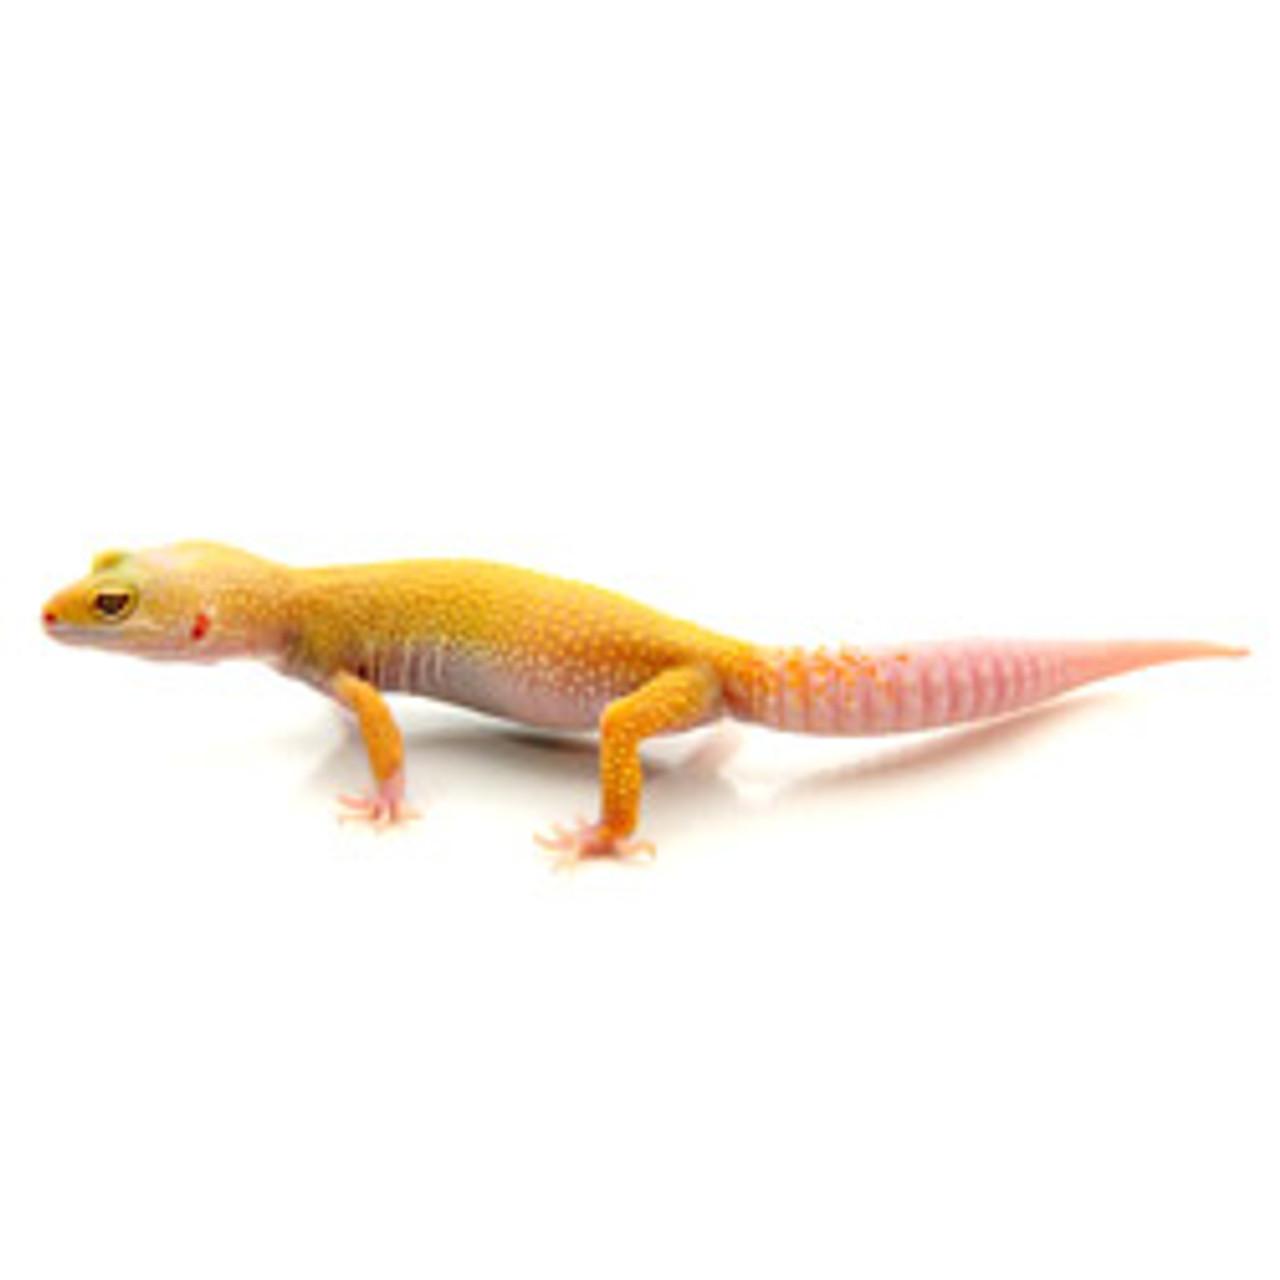 Albino Leucistic Leopard Gecko (Eublepharis macularius) Adult